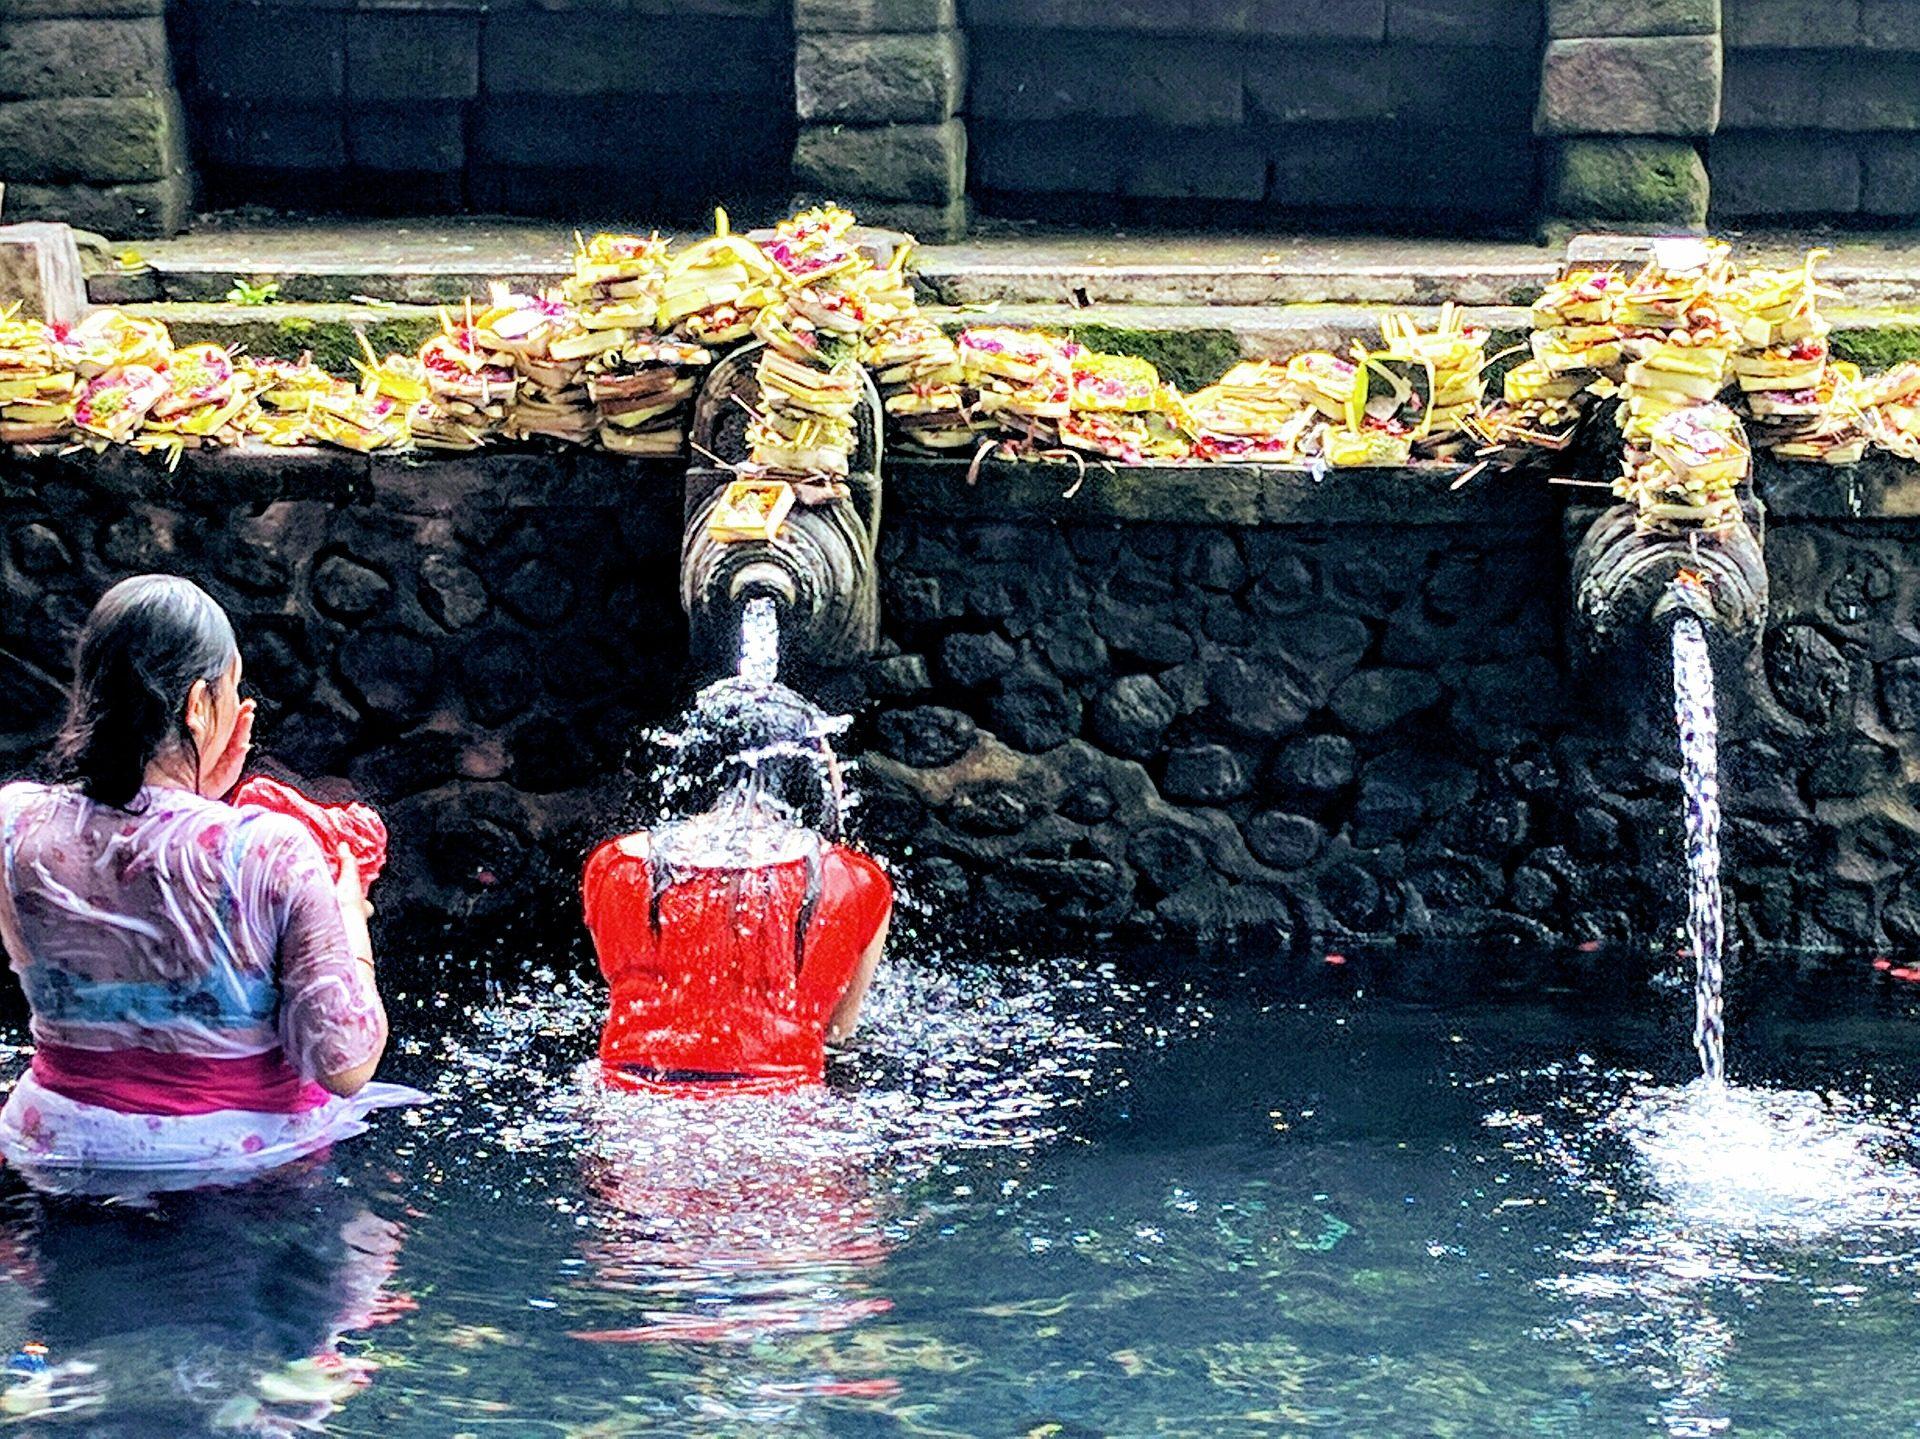 Ναός, μπάνιο, νερό, καθαρή tirta empul, Μπαλί, Ινδουιστής - Wallpapers HD - Professor-falken.com